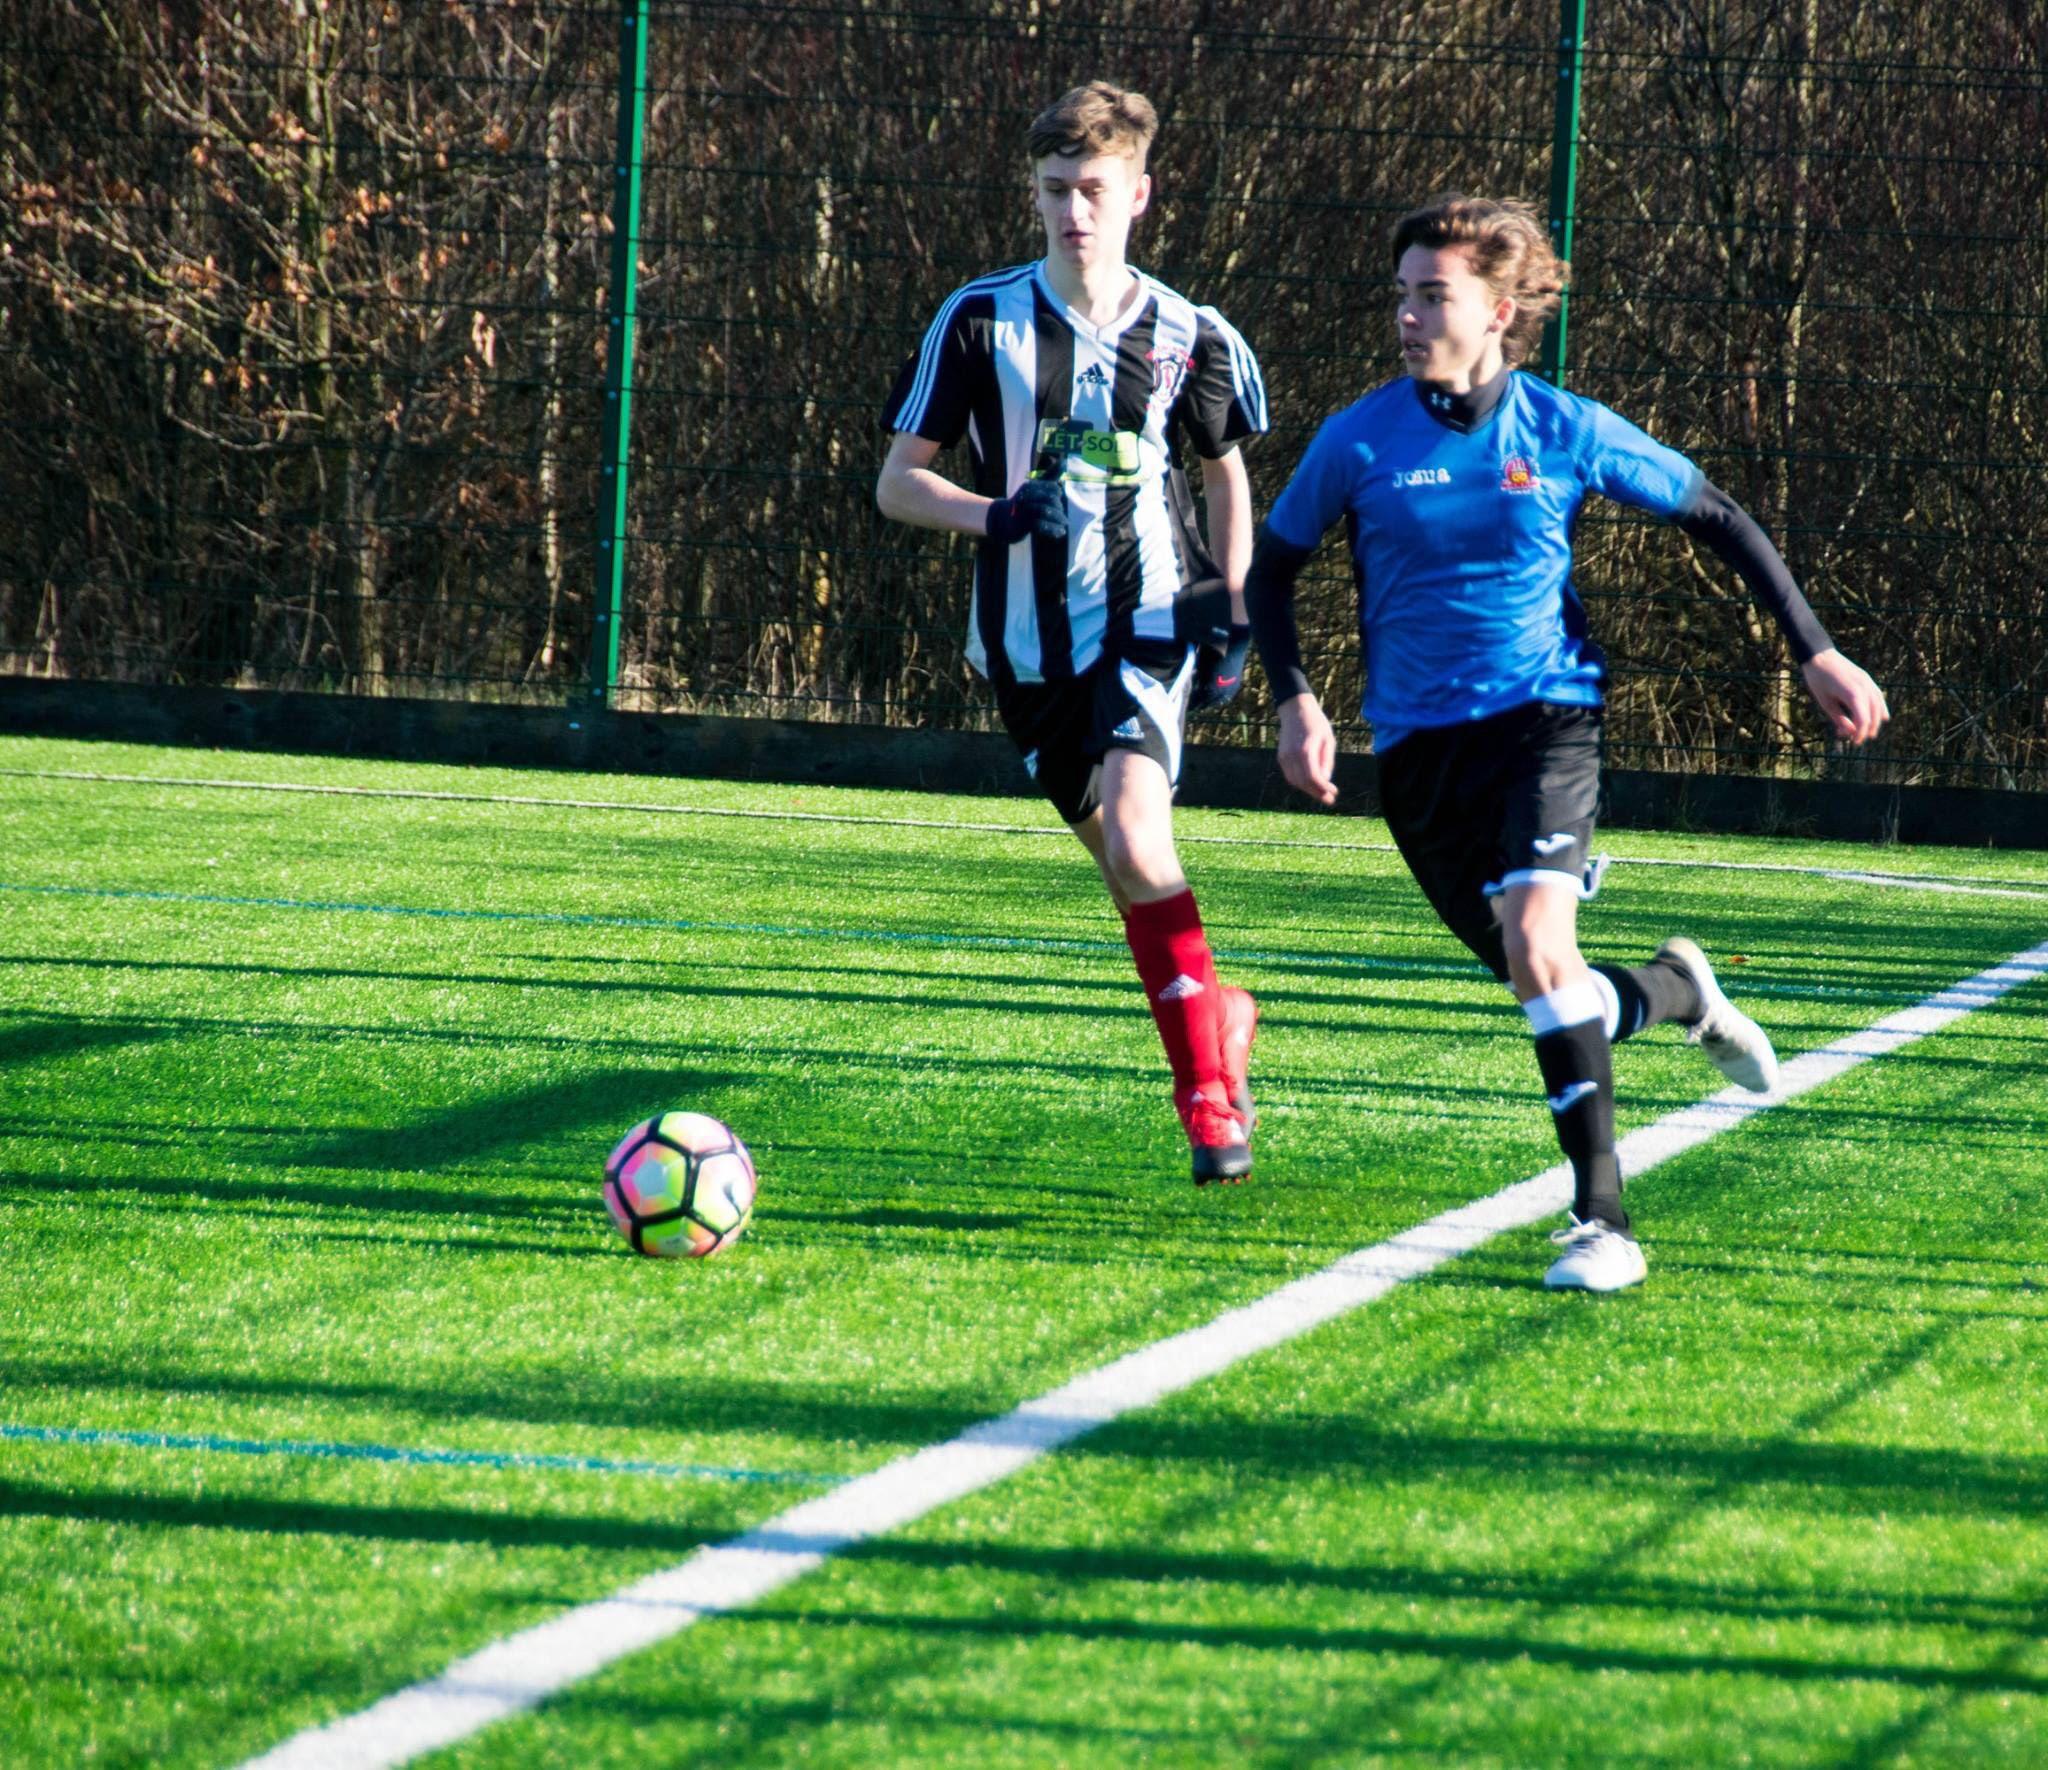 Charlie Lichfield Academy player